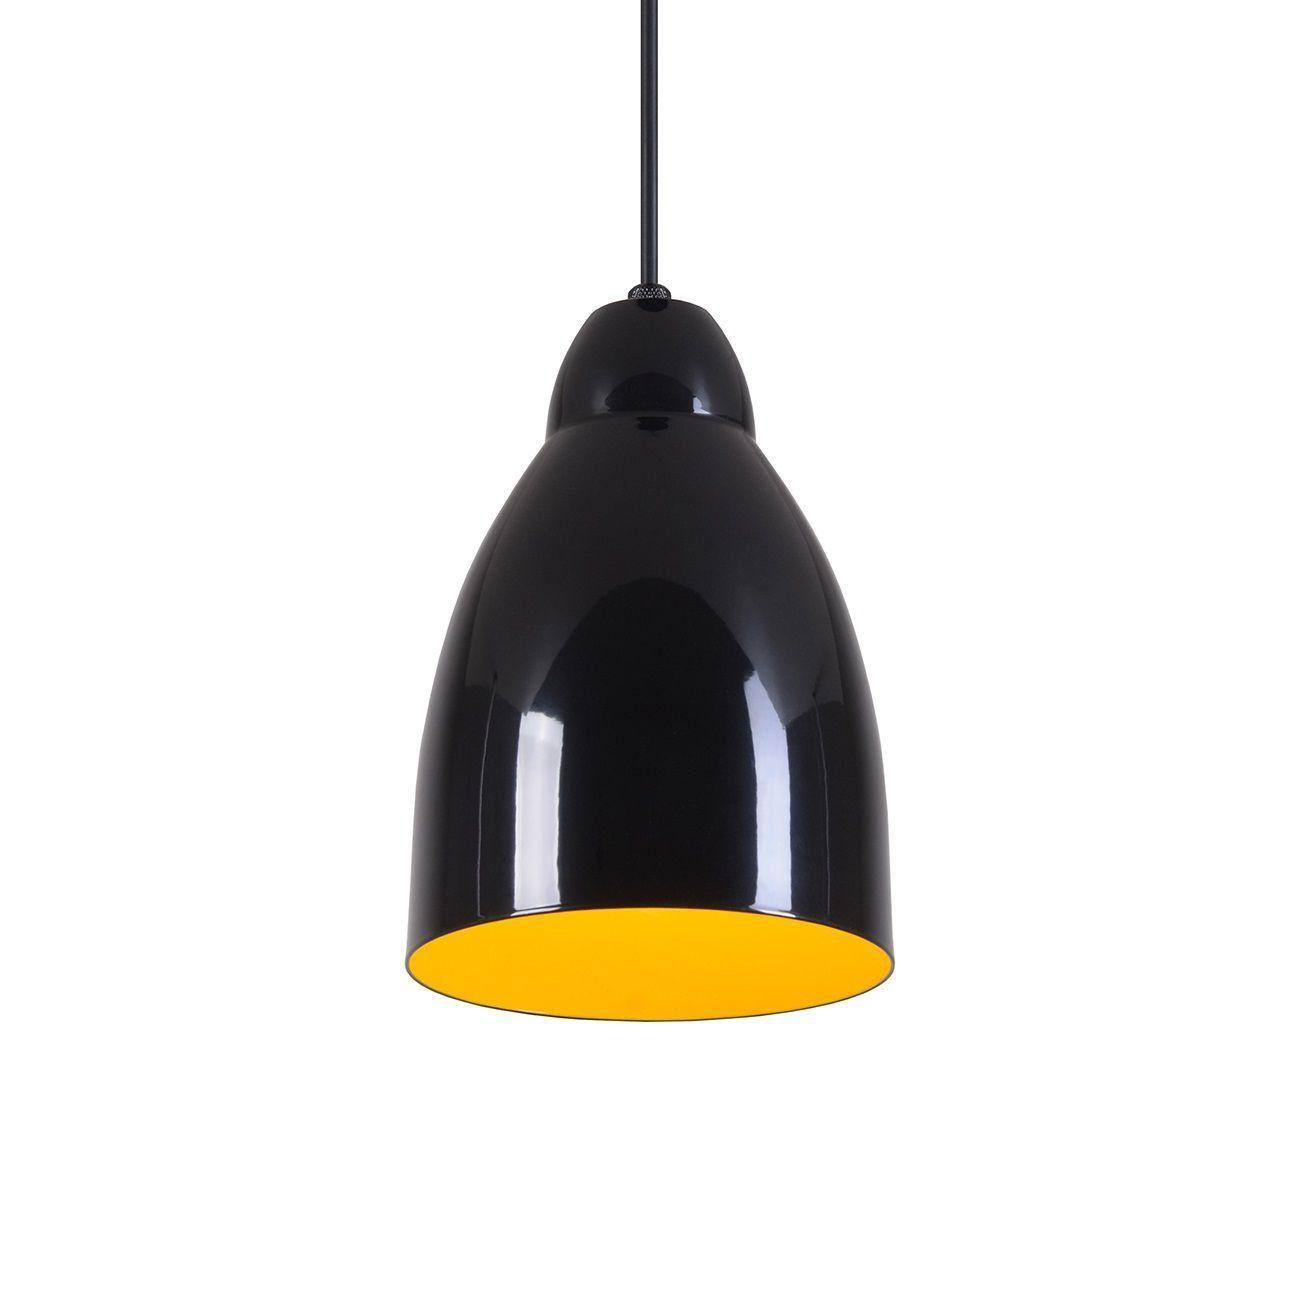 Pendente Bala Luminária Lustre Alumínio Preto Brilhante C/ Amarelo - Rei Da Iluminação